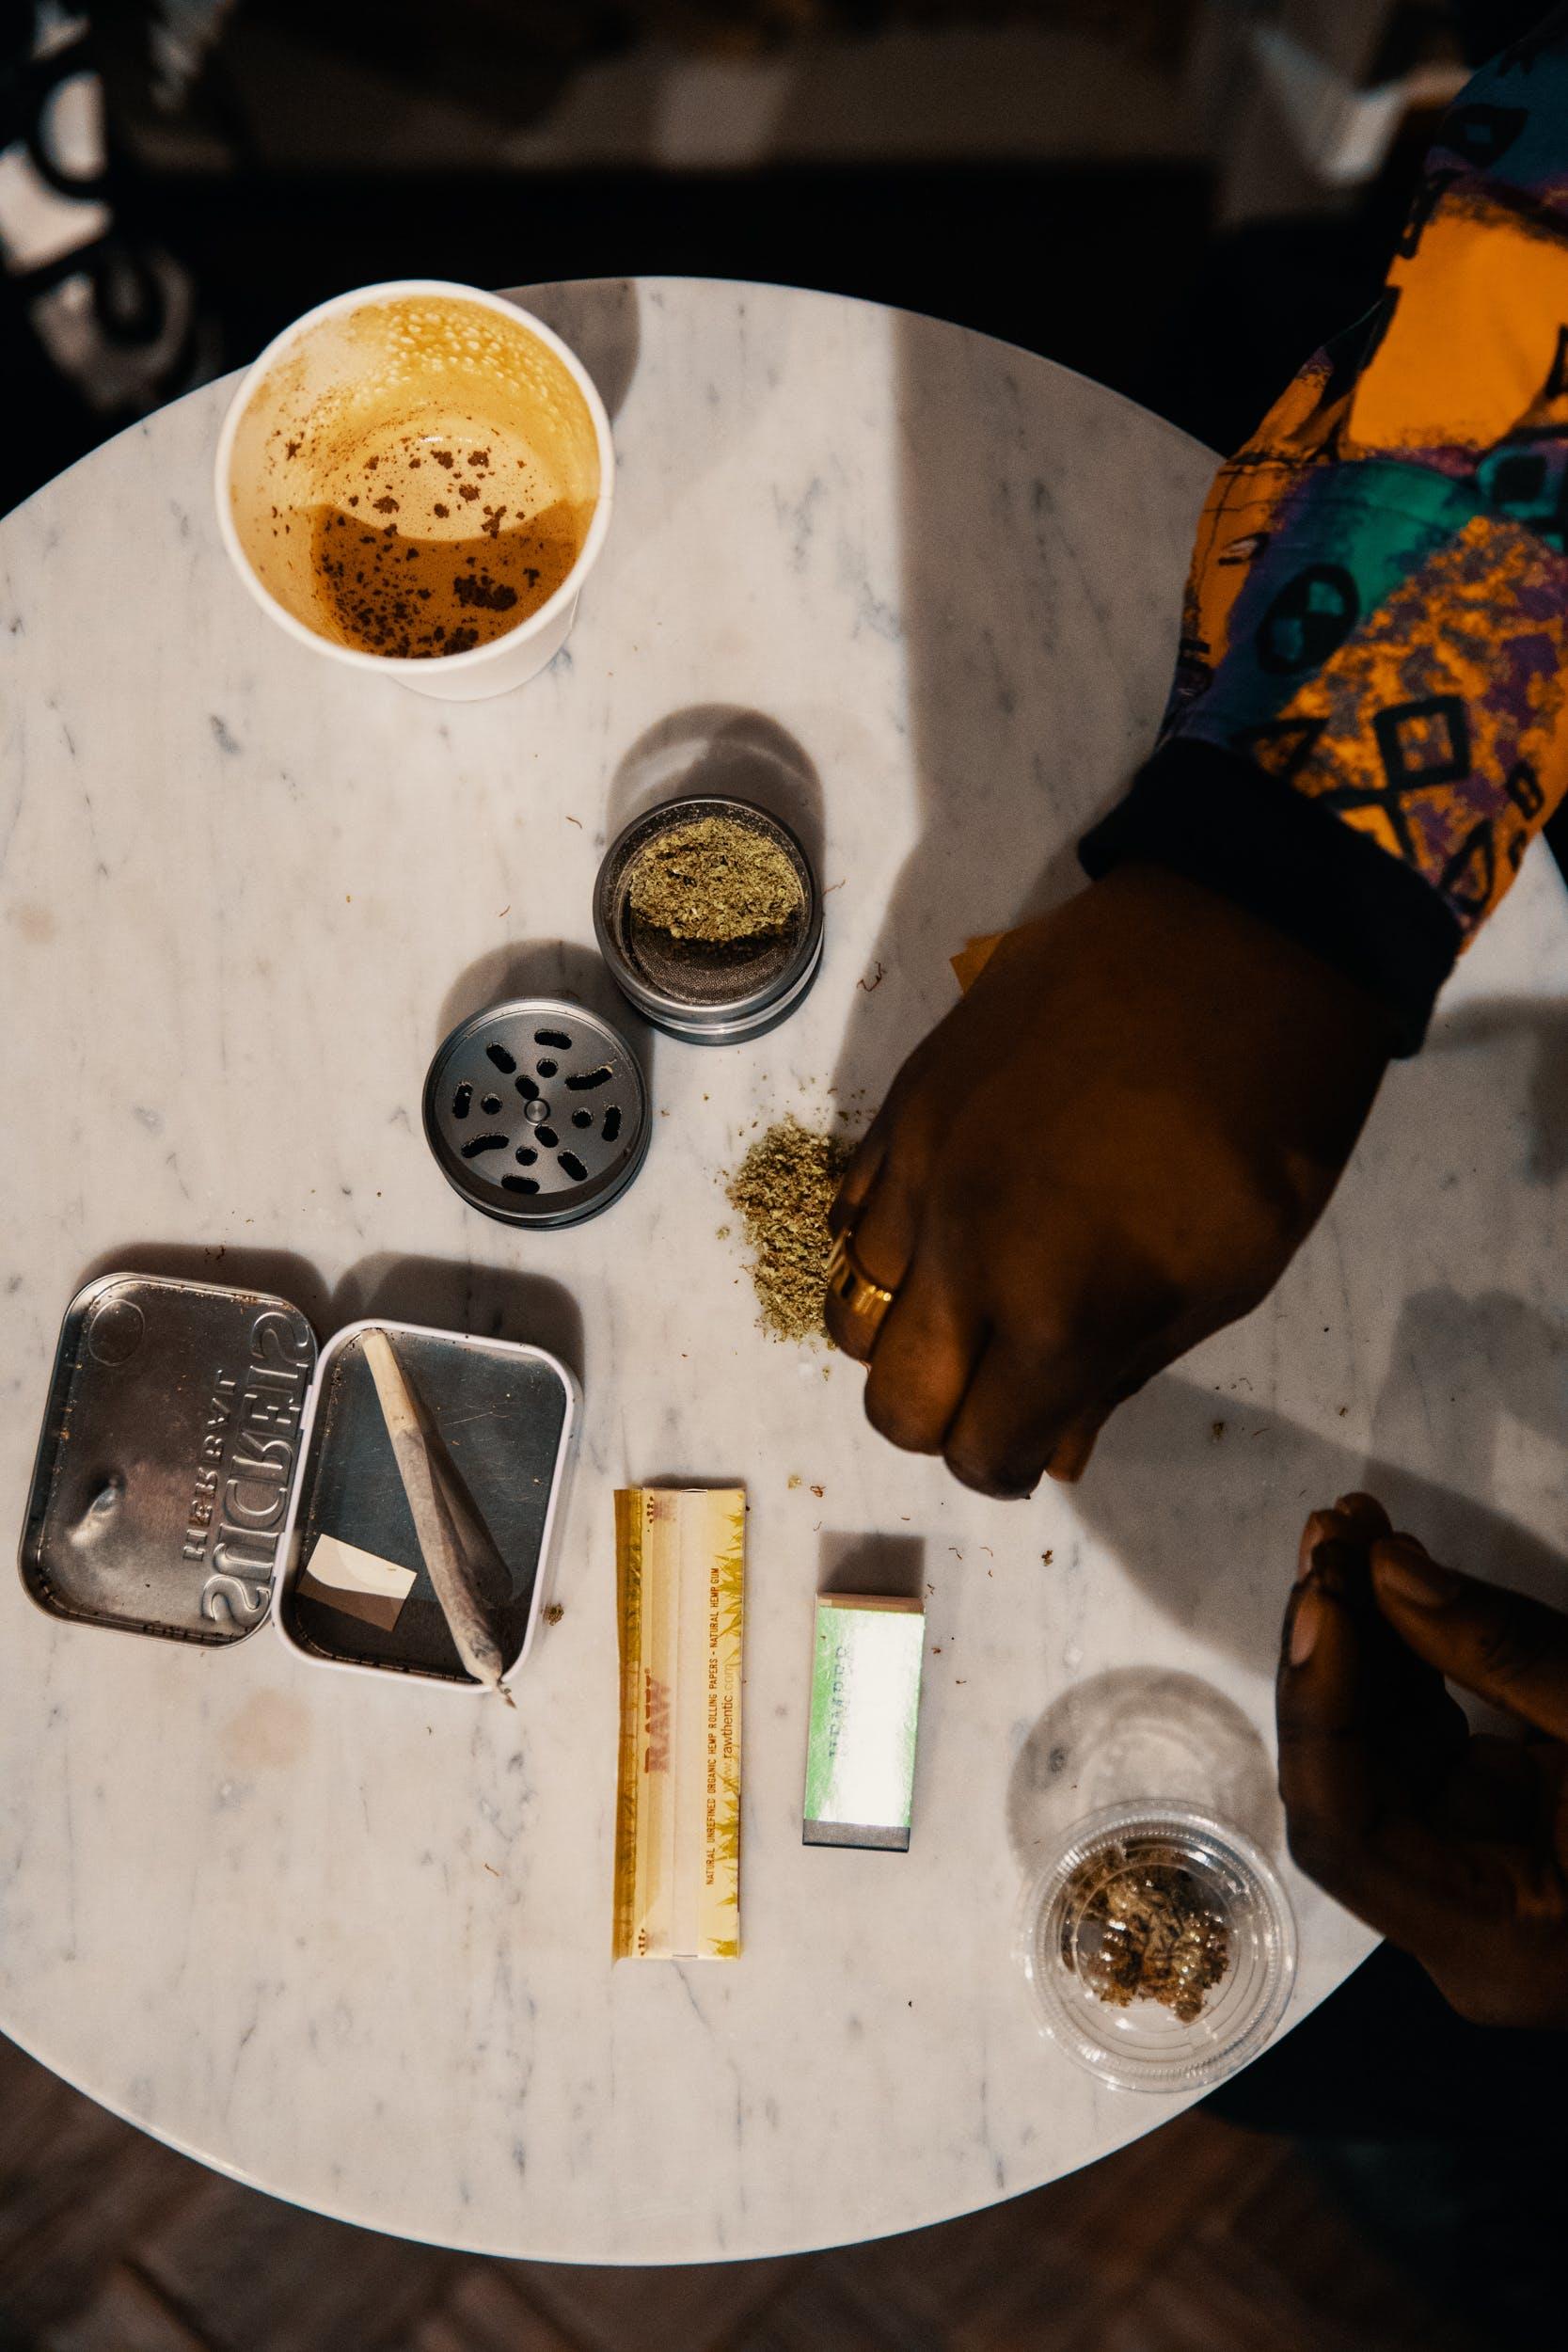 How to Roll a Hash Joint 18 How To Roll A Hash Joint In 7 Simple Steps